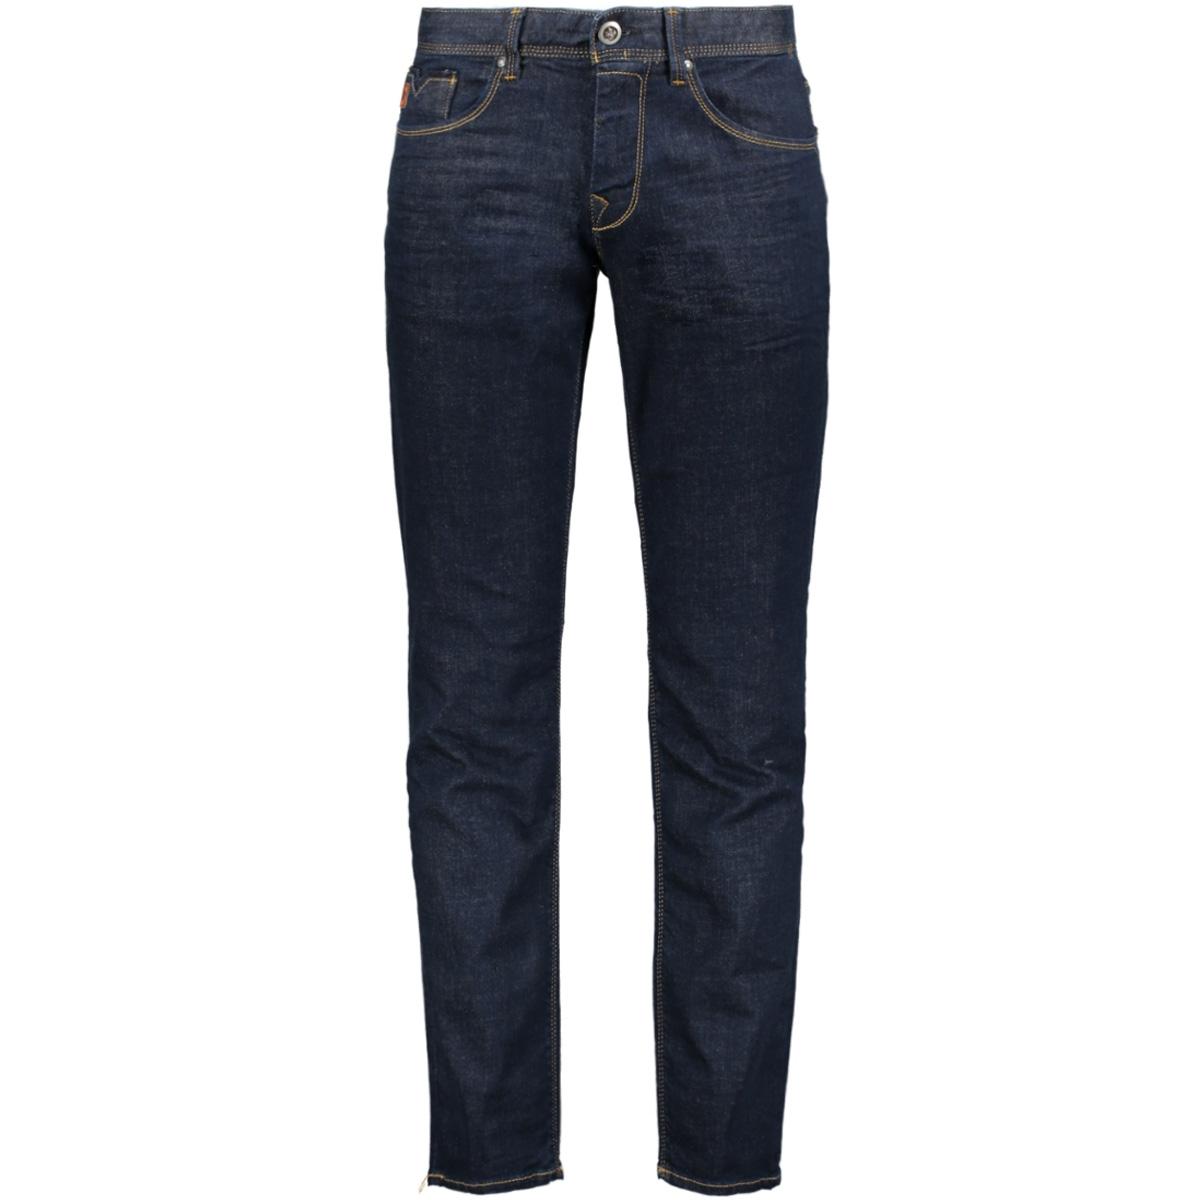 vtr515-ccf vanguard jeans ccf